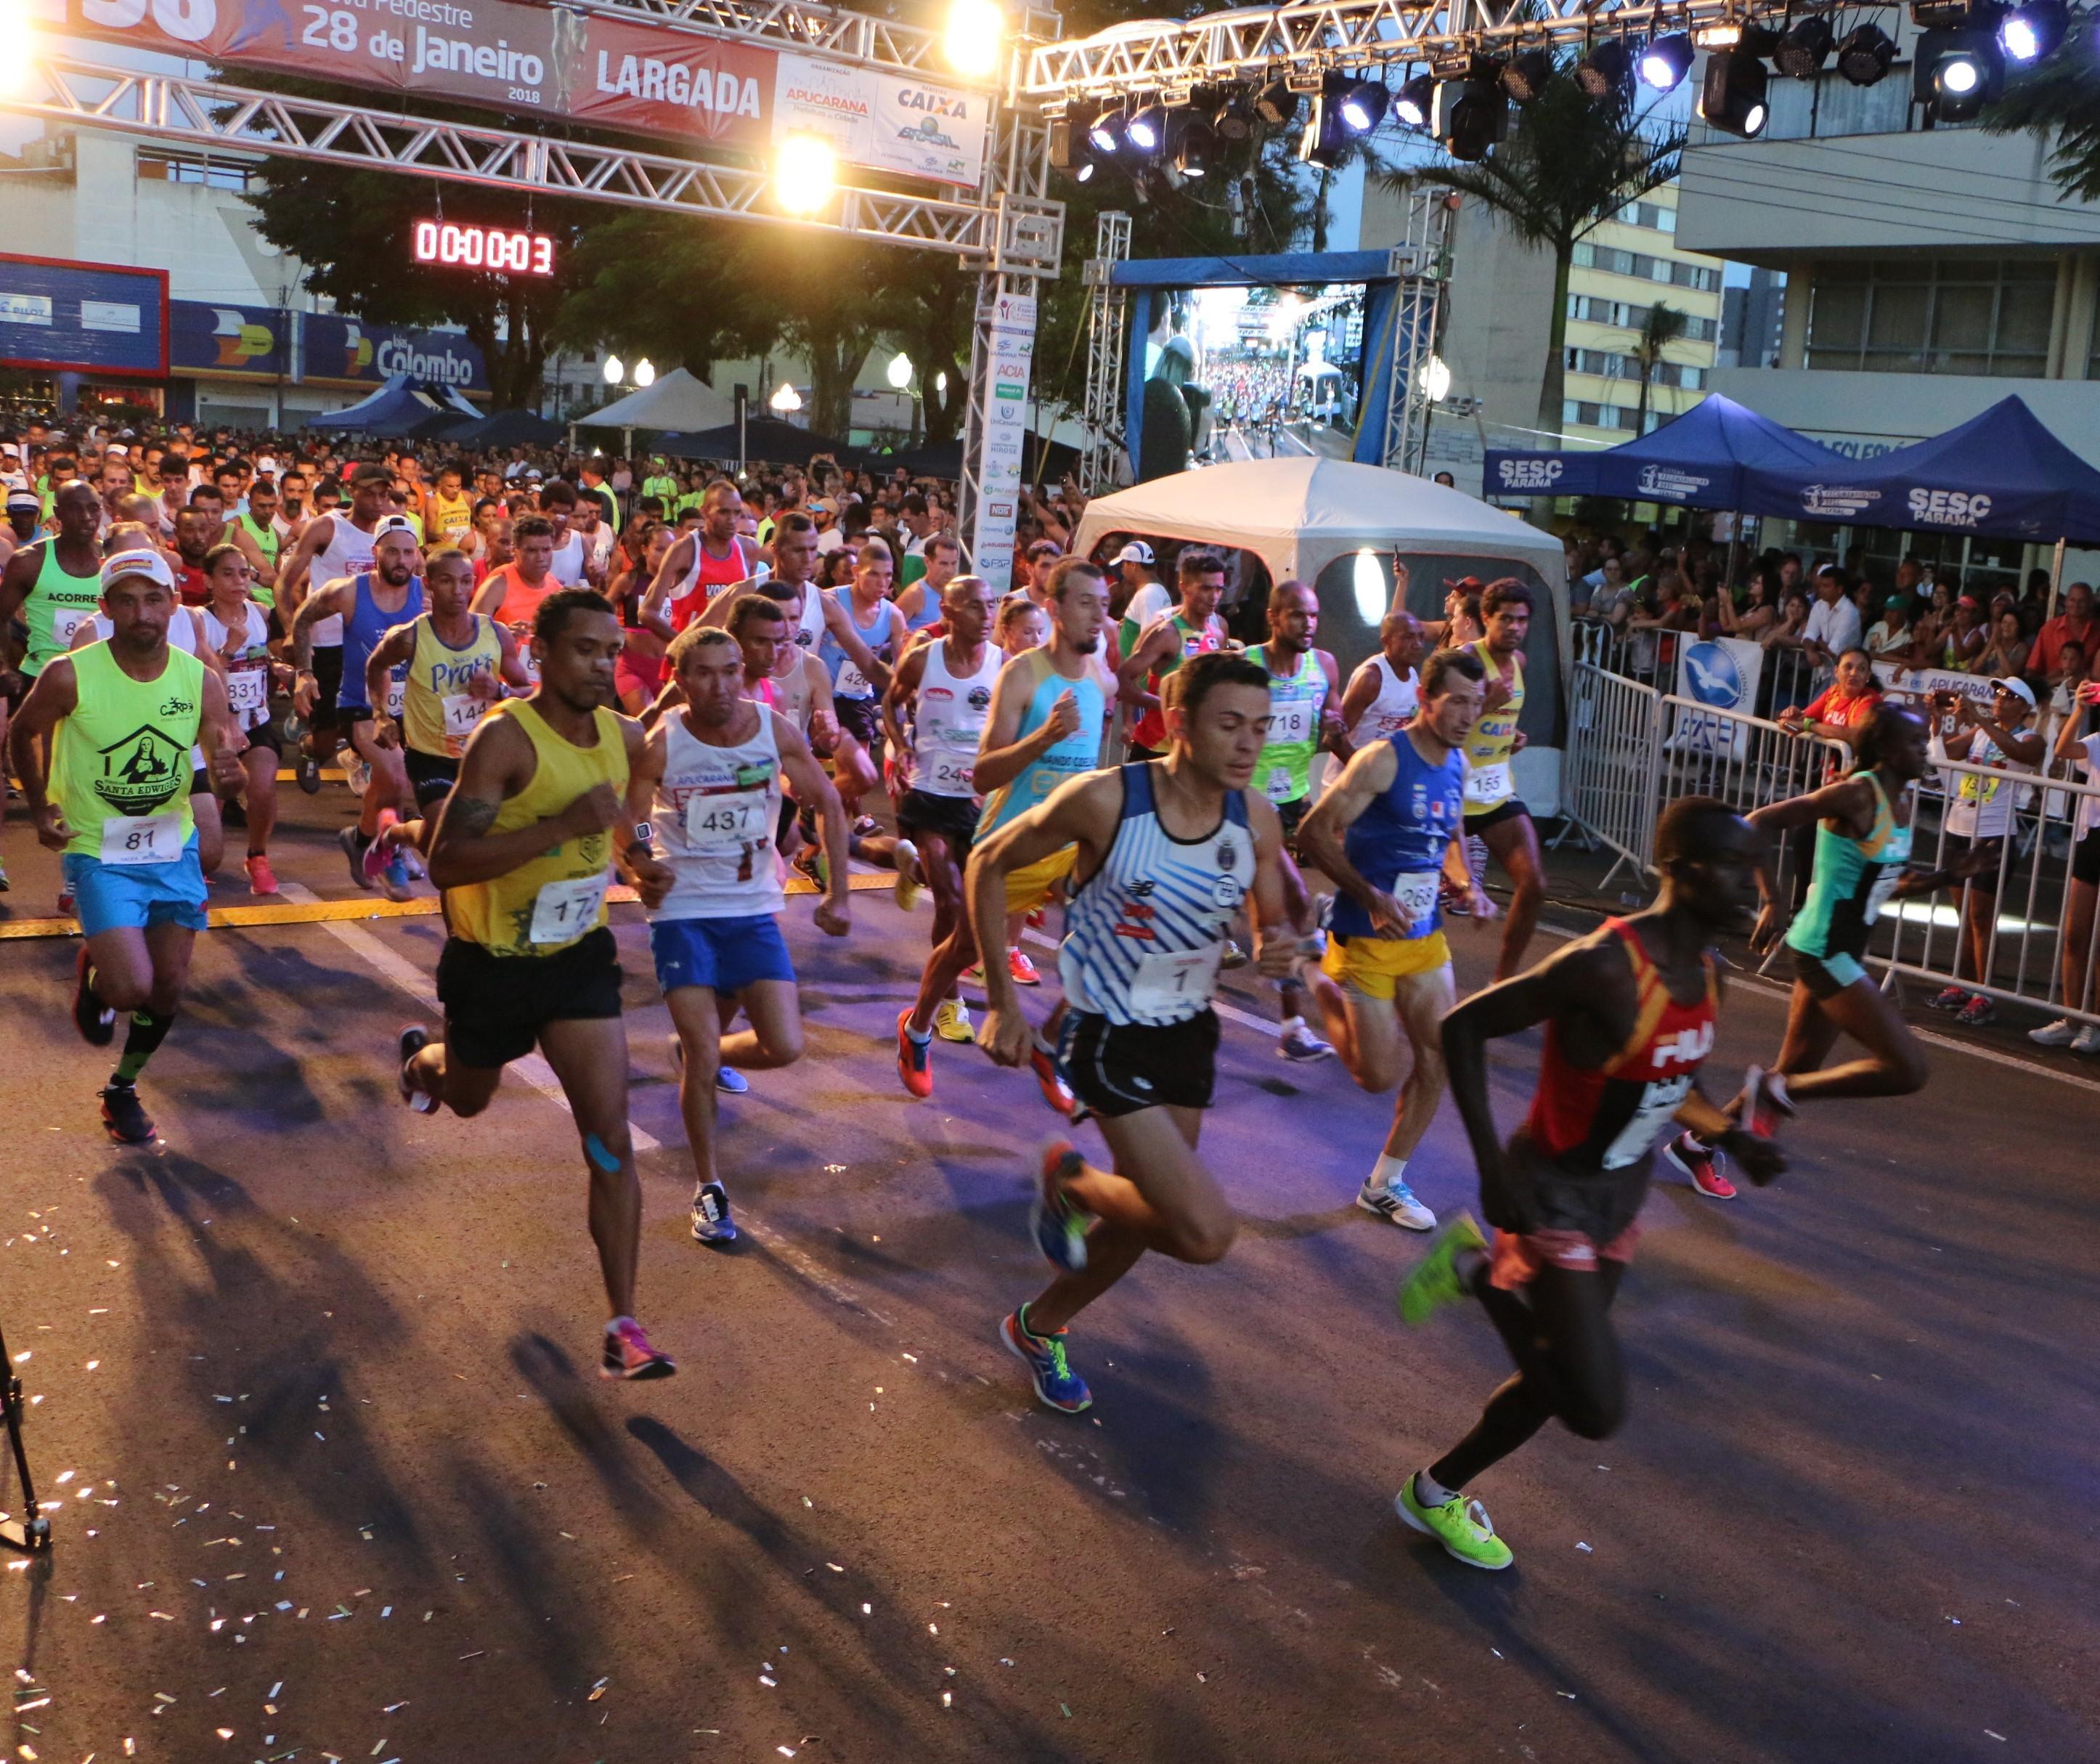 """Organização espera mais de 3 mil atletas na """"28 de janeiro"""""""